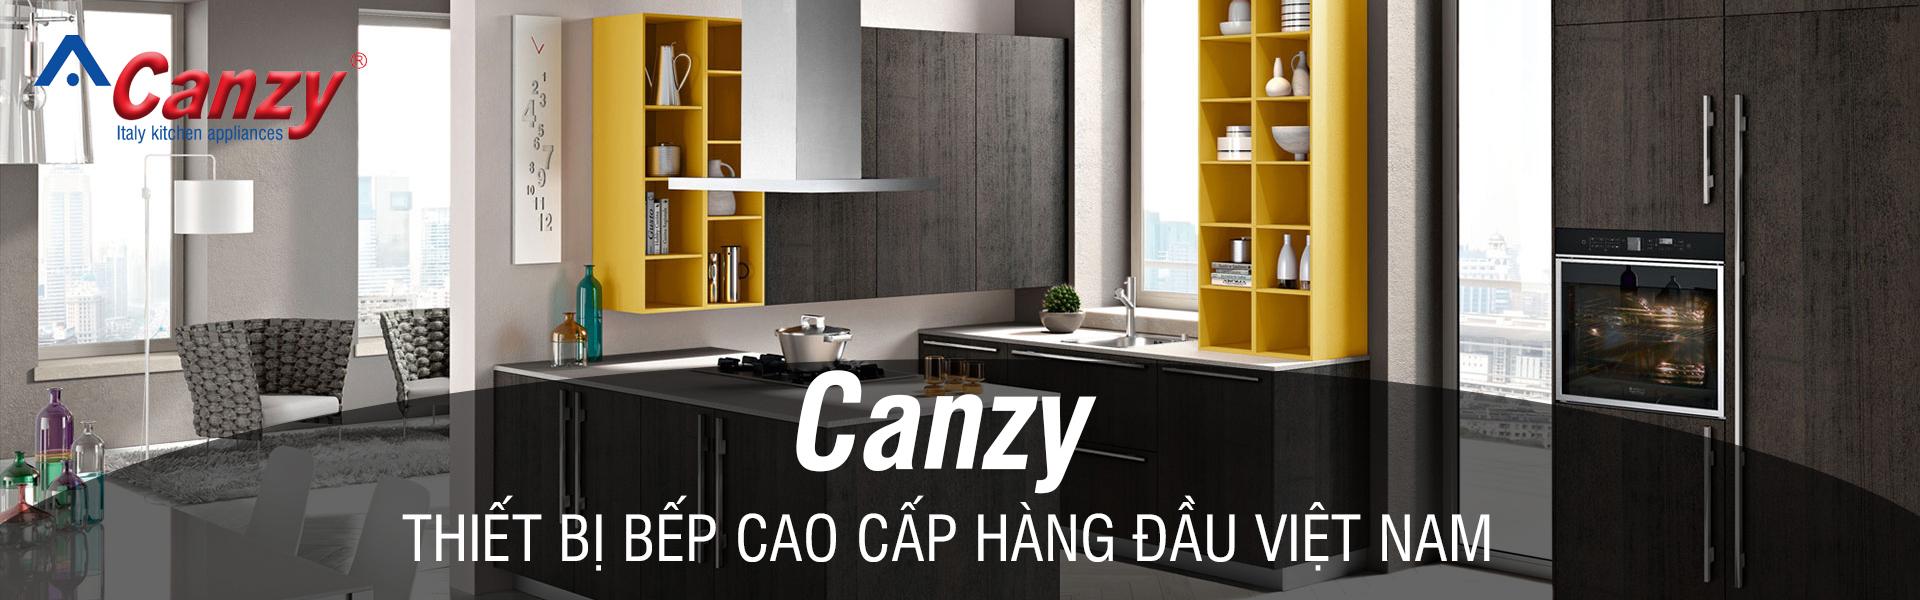 Lò nướng Canzy